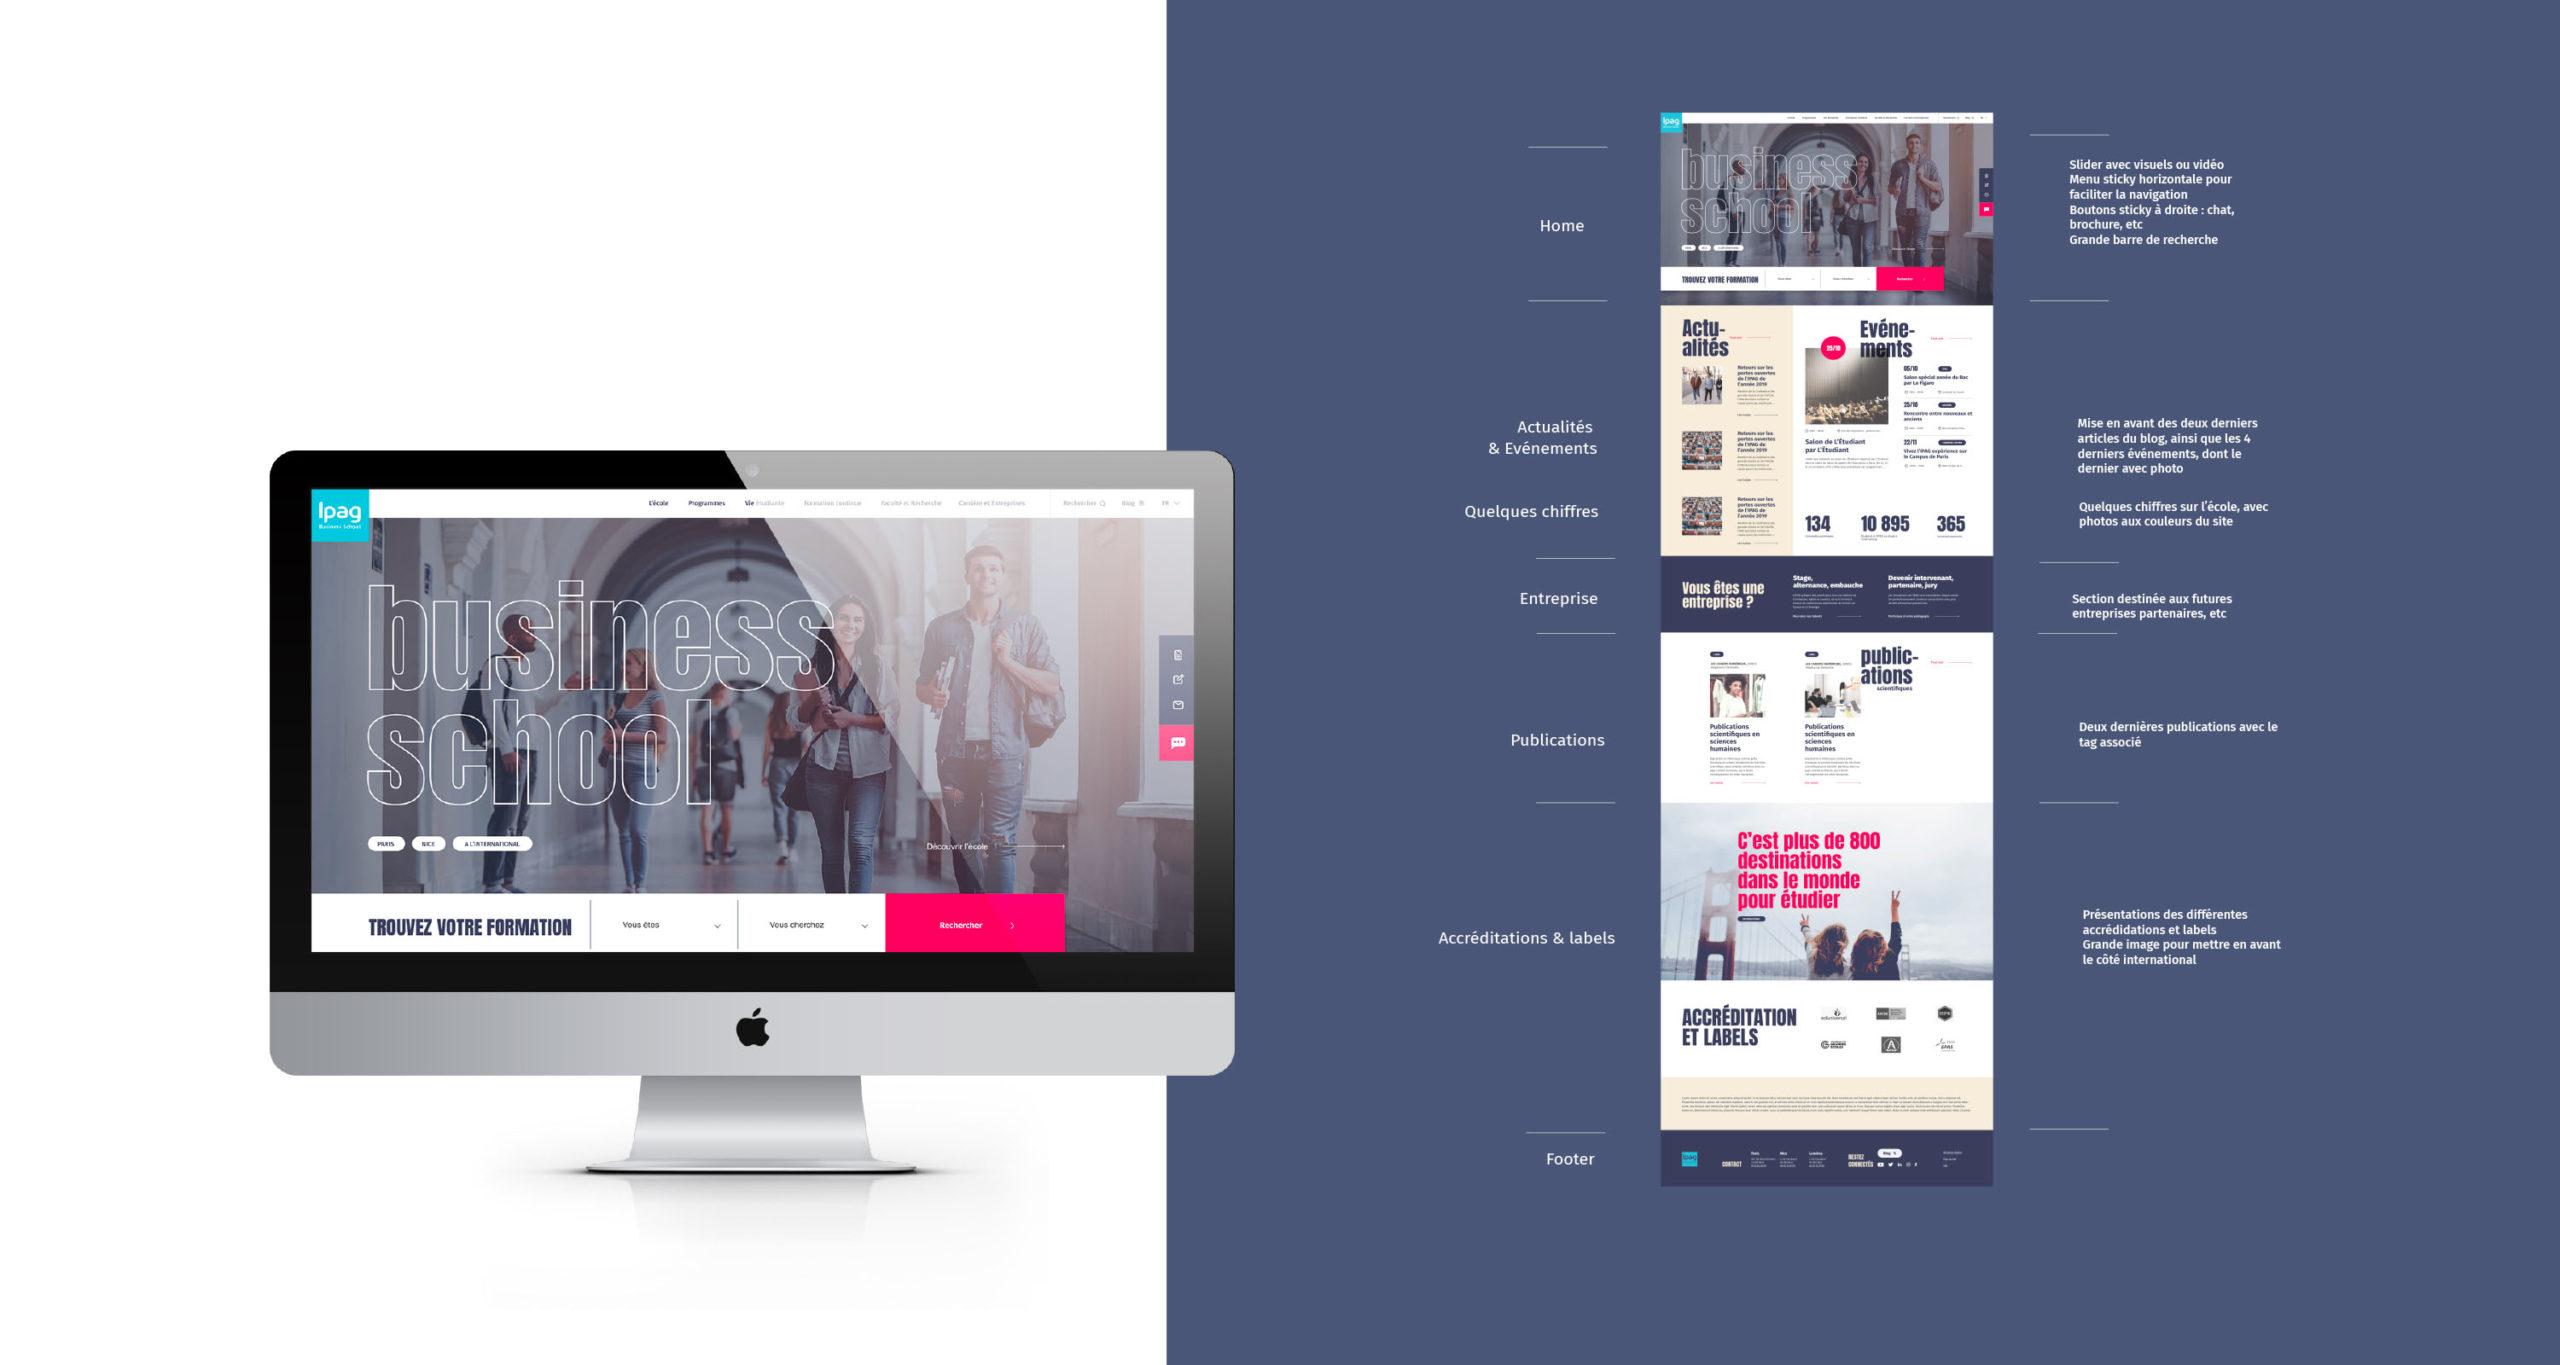 Déclinaison graphique de la page d'accueil en version desktop